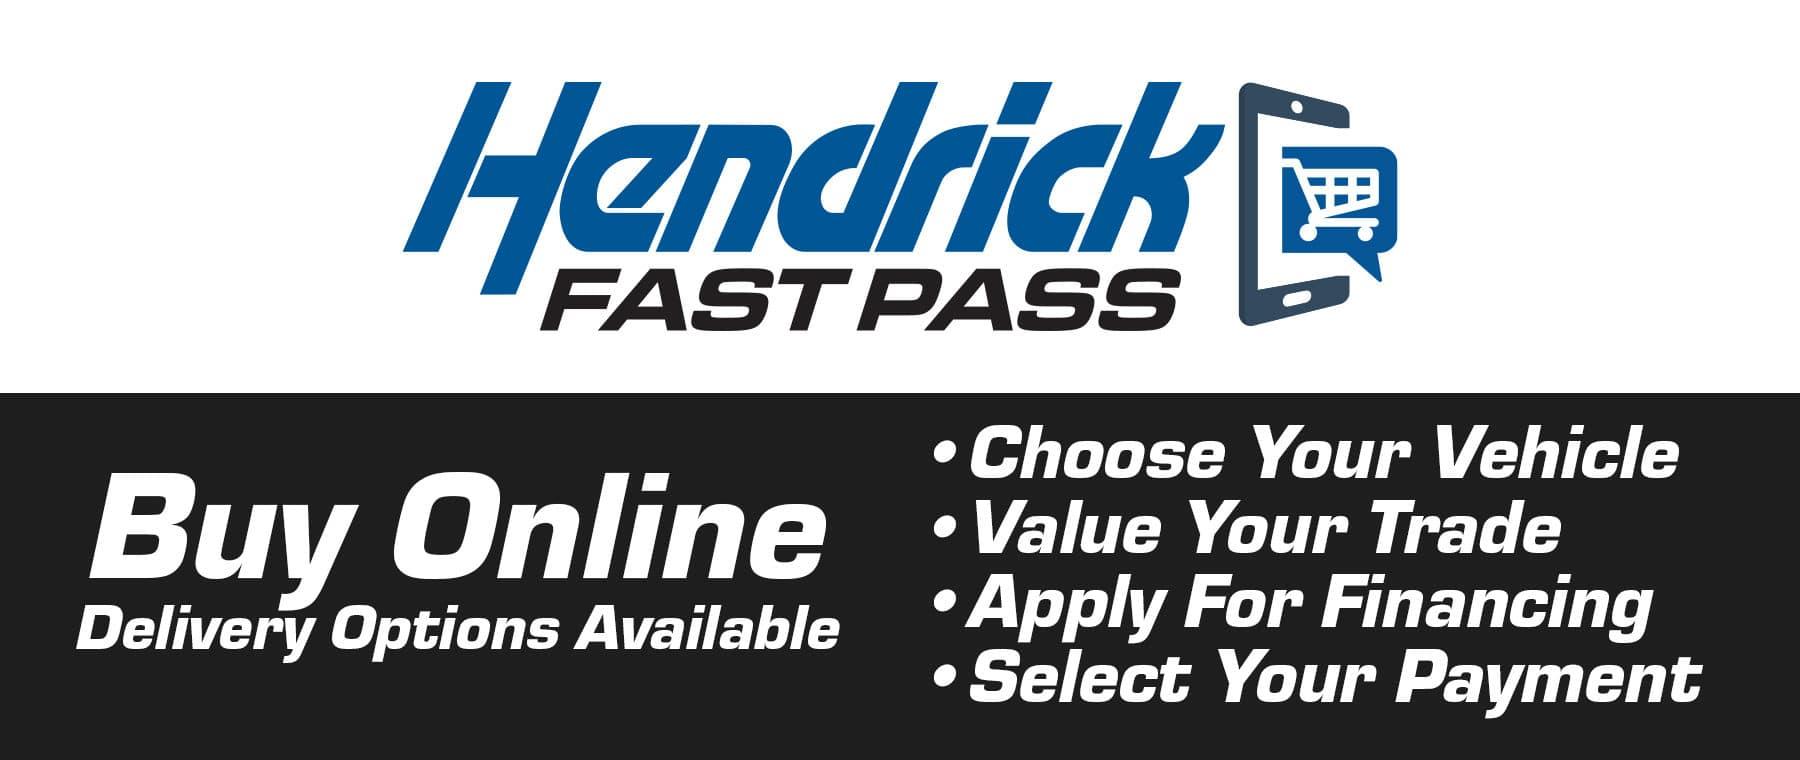 Hendrick-Fast-Pass-May21_TR_1800x760